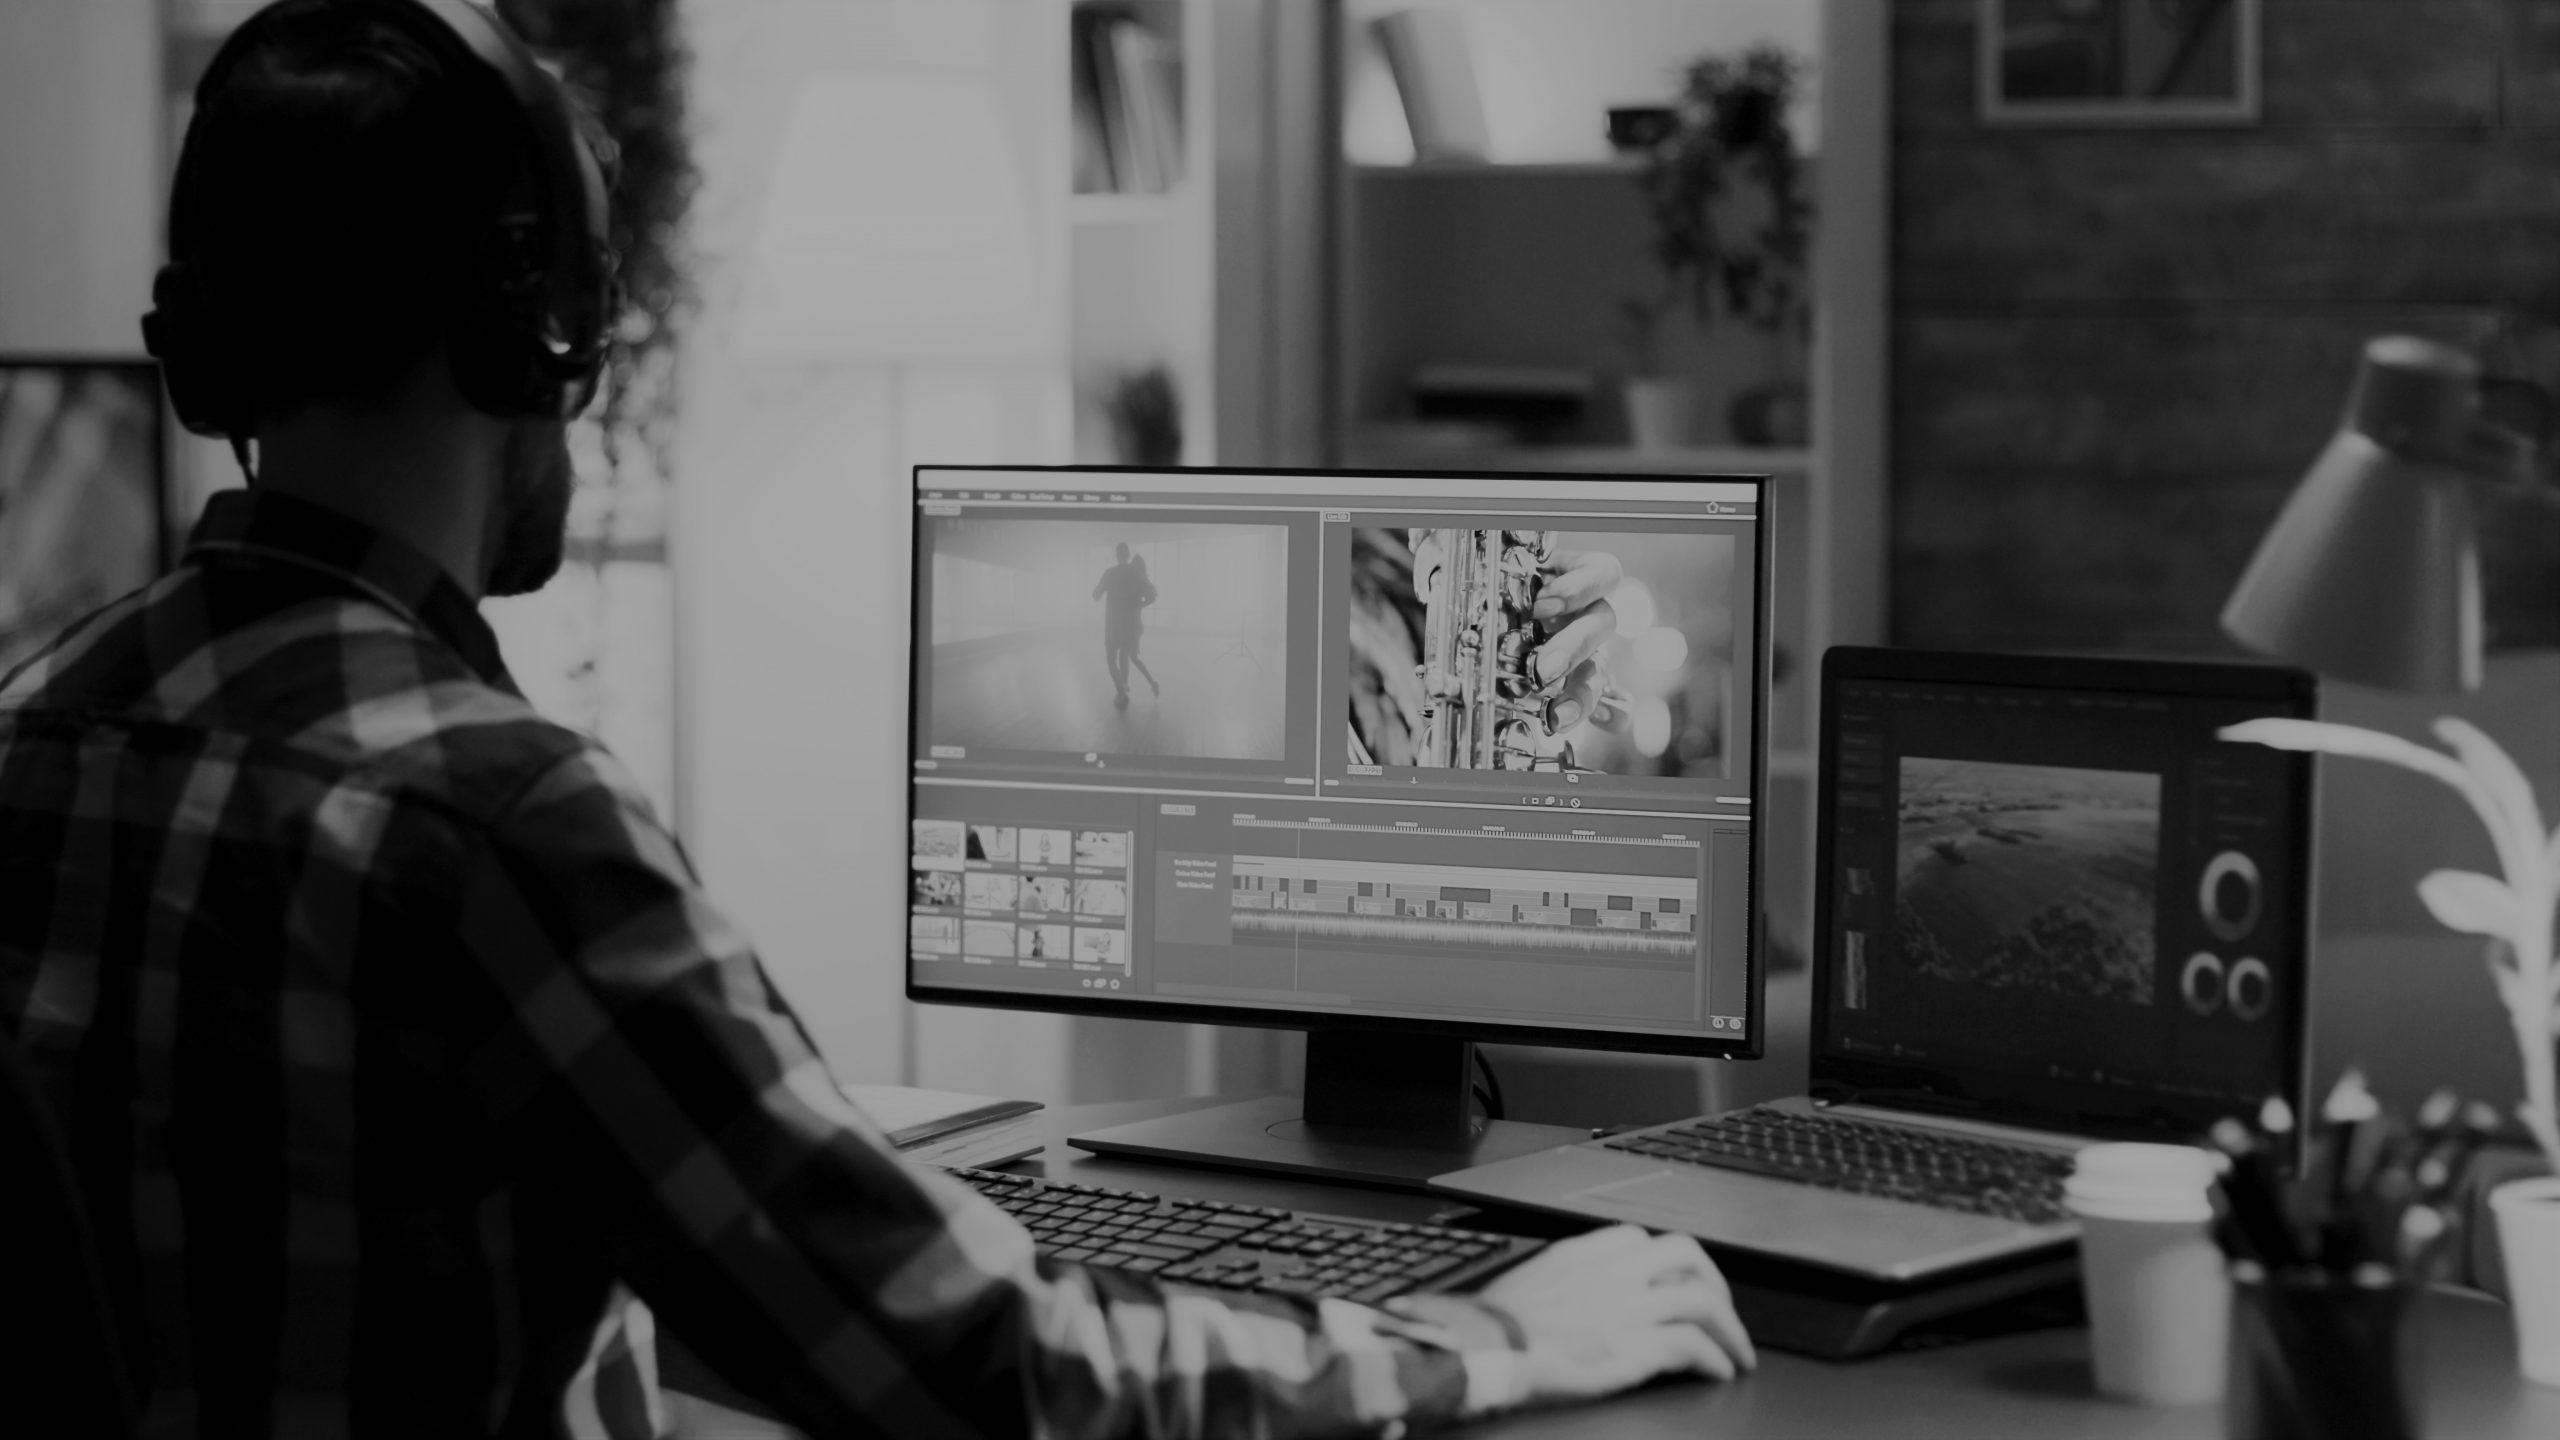 Informationsarchitekt bei der Post-Produktion eines Screencasts bzw. Image-Videos für ein Unternehmen.